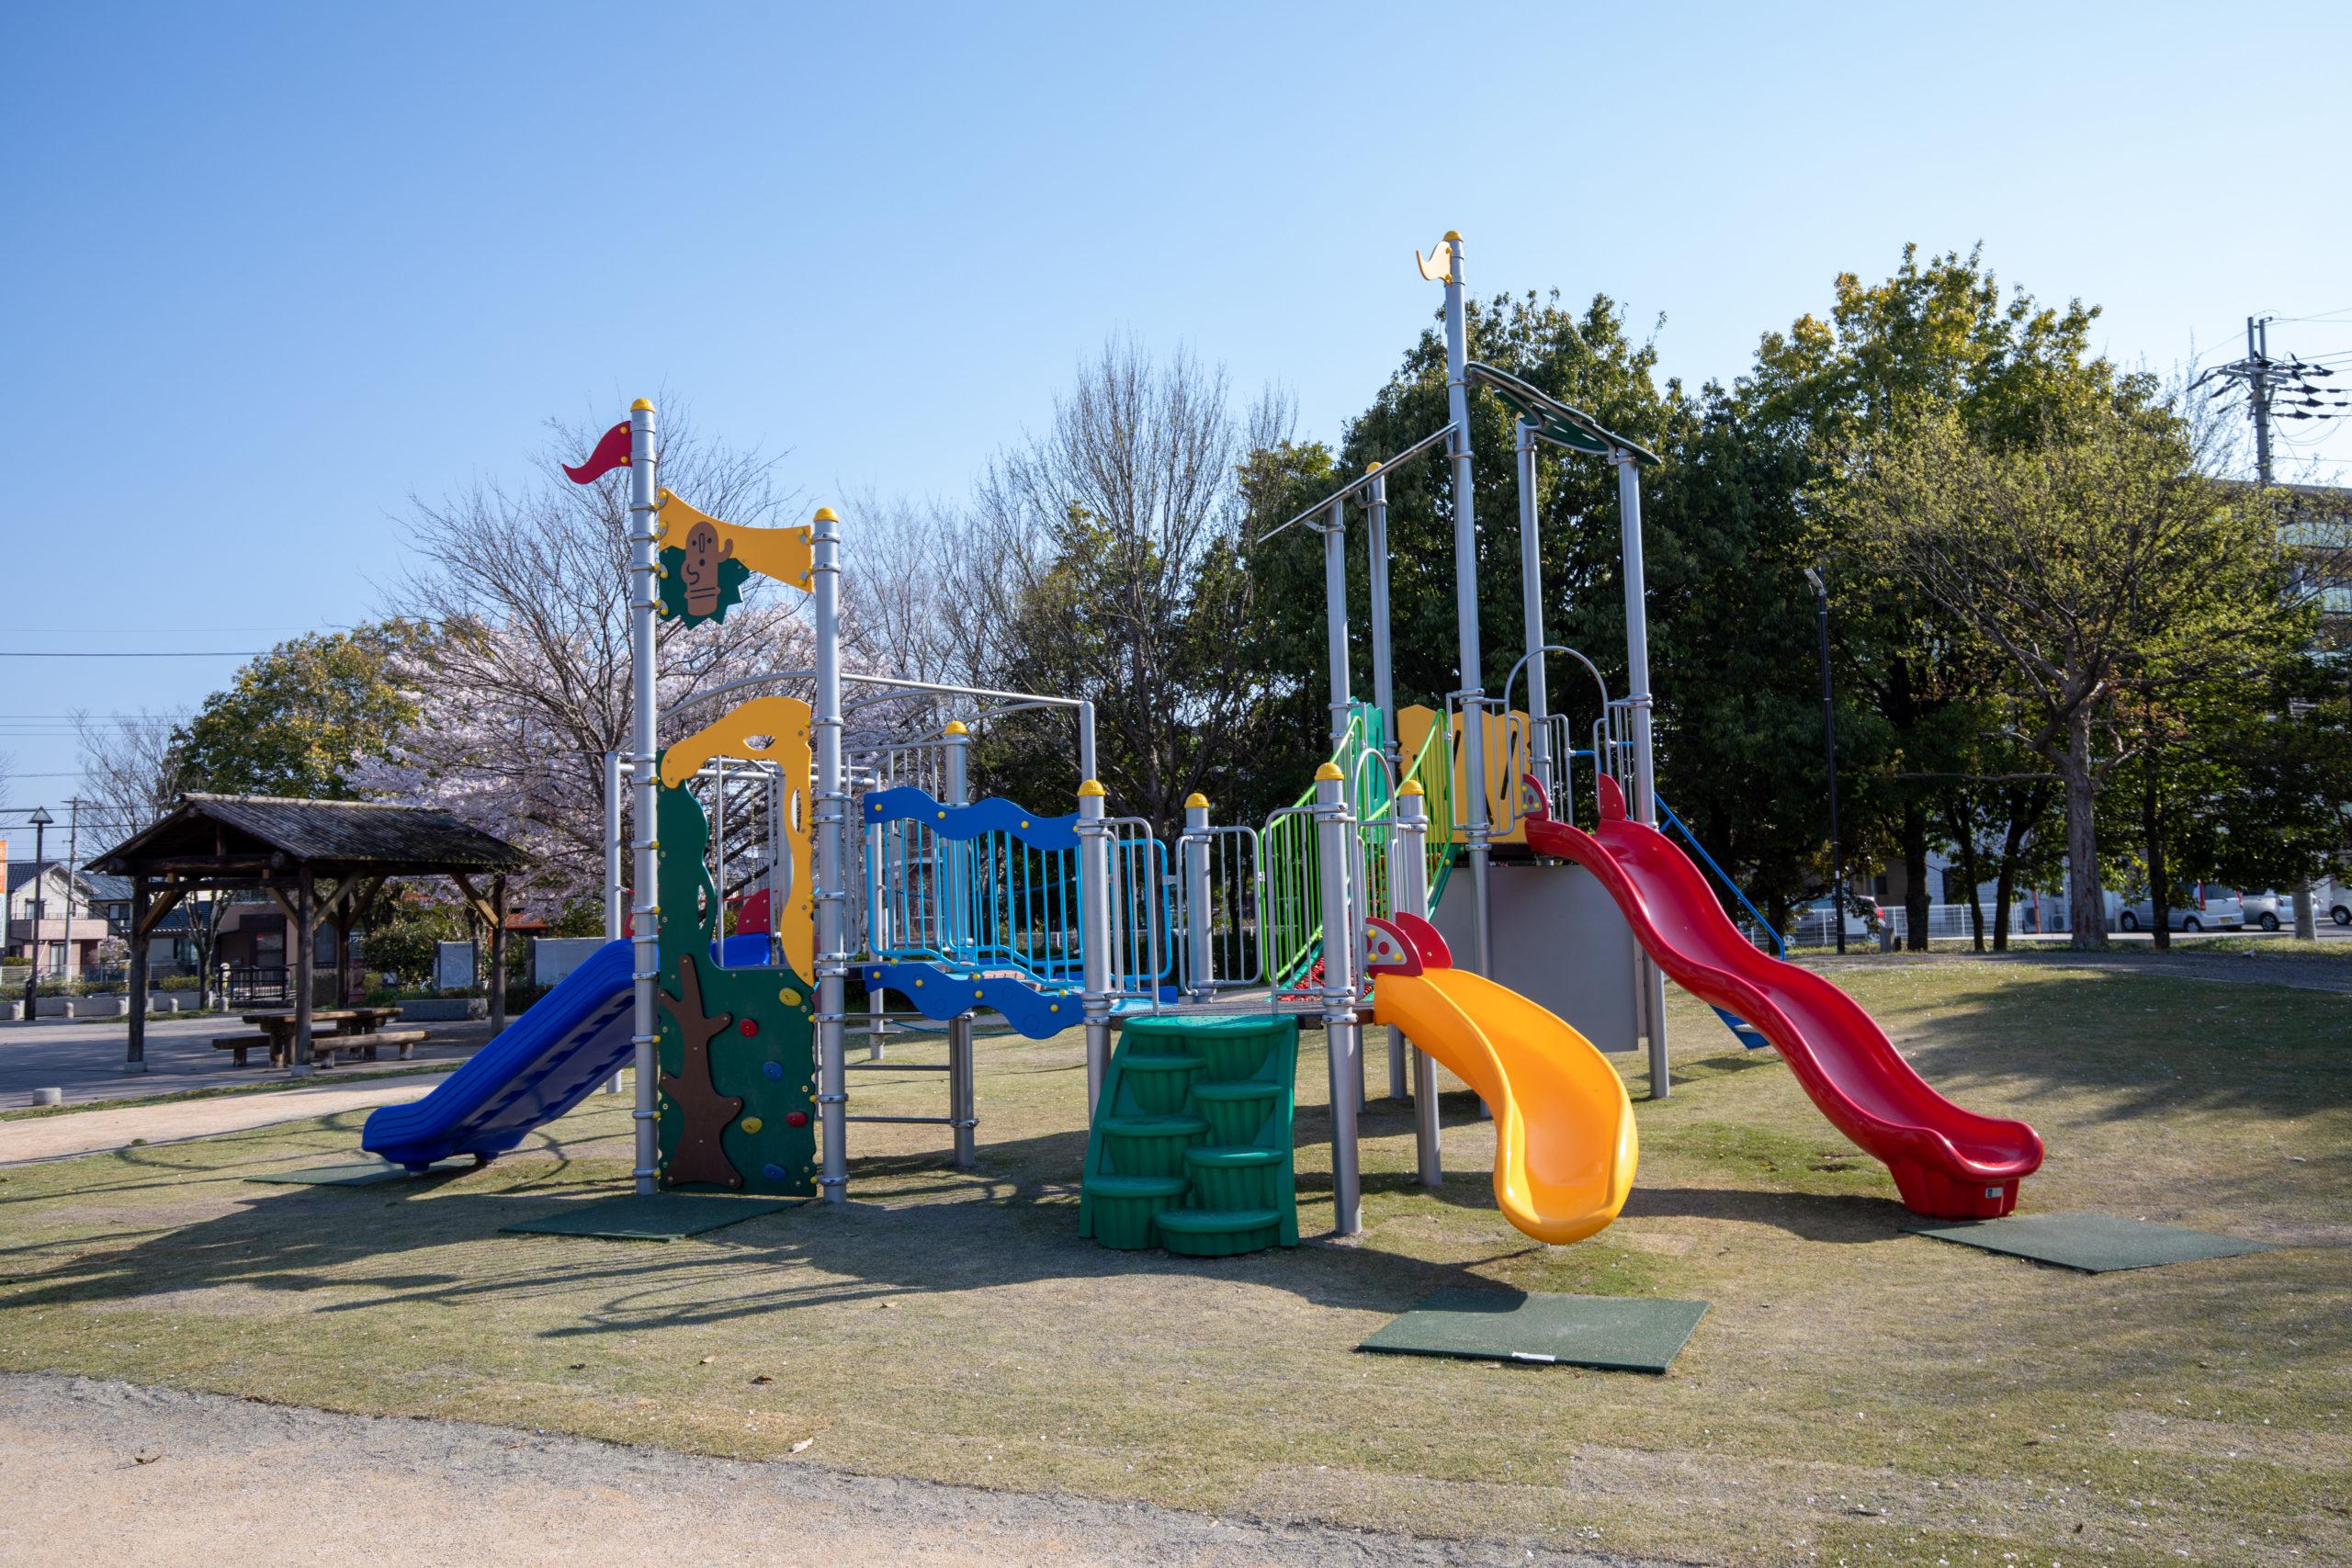 令和元年度 福満公園複合遊具改築工事